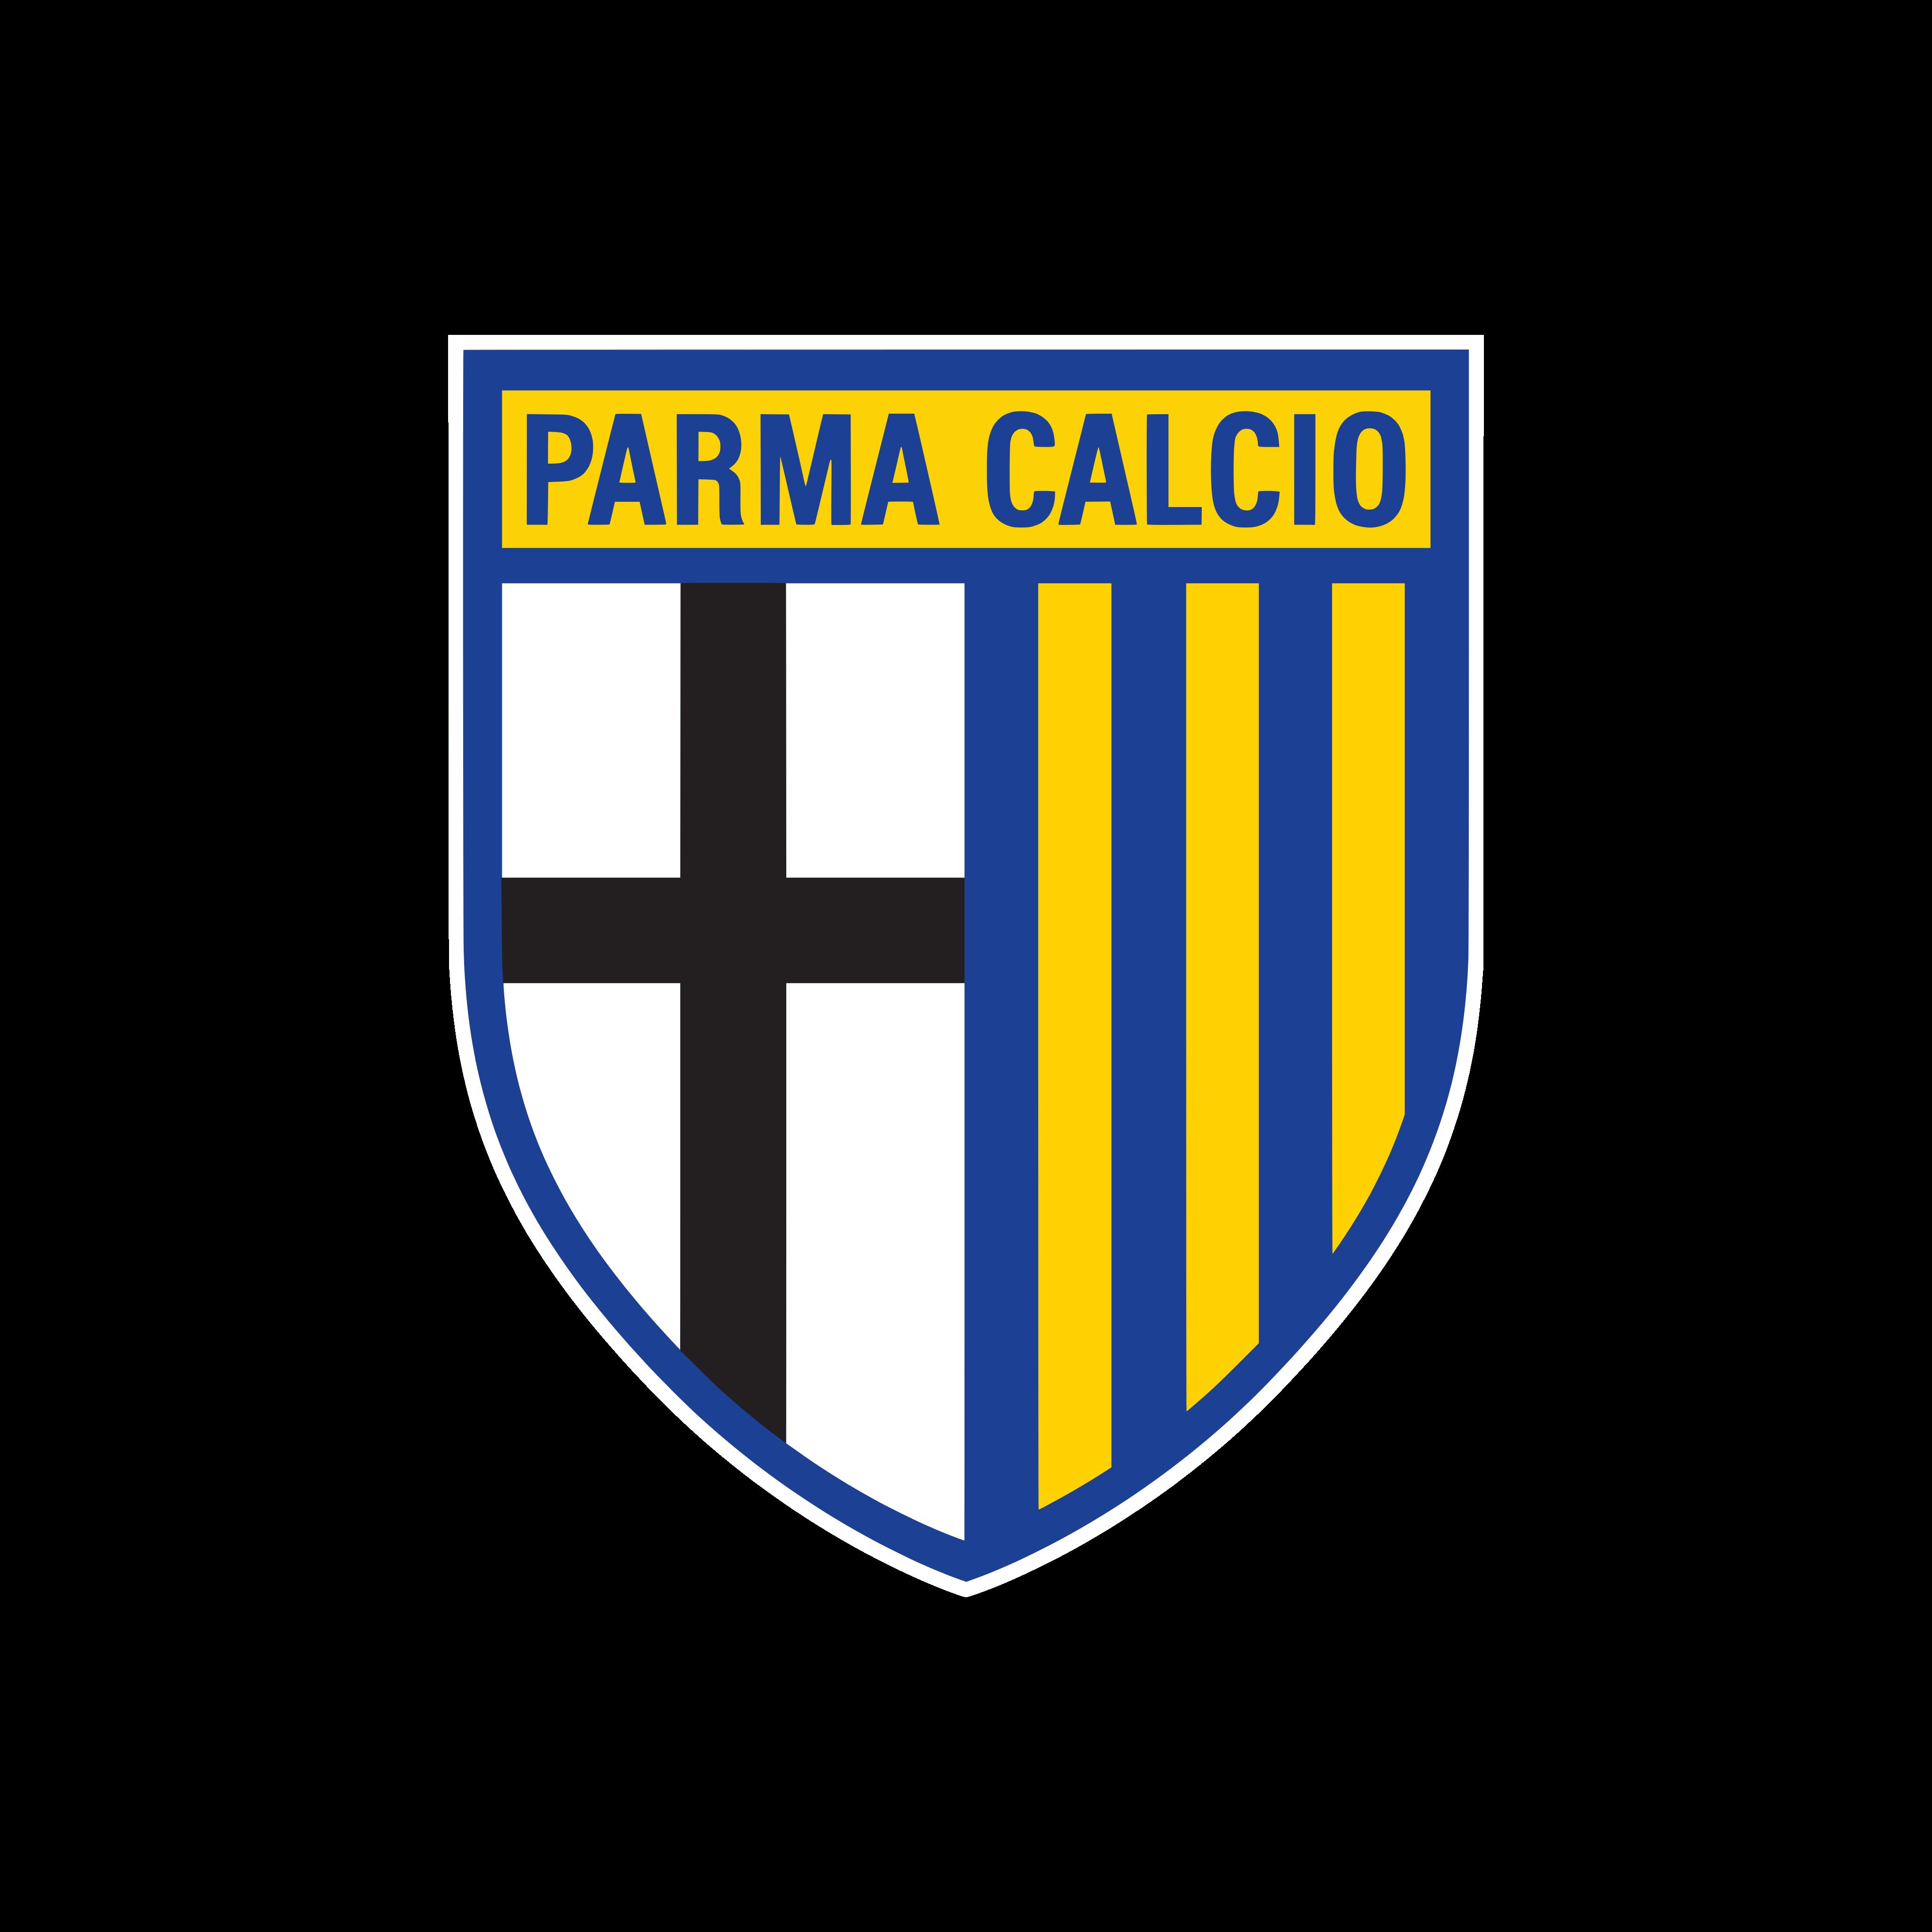 parma logo 0 - Parma Logo